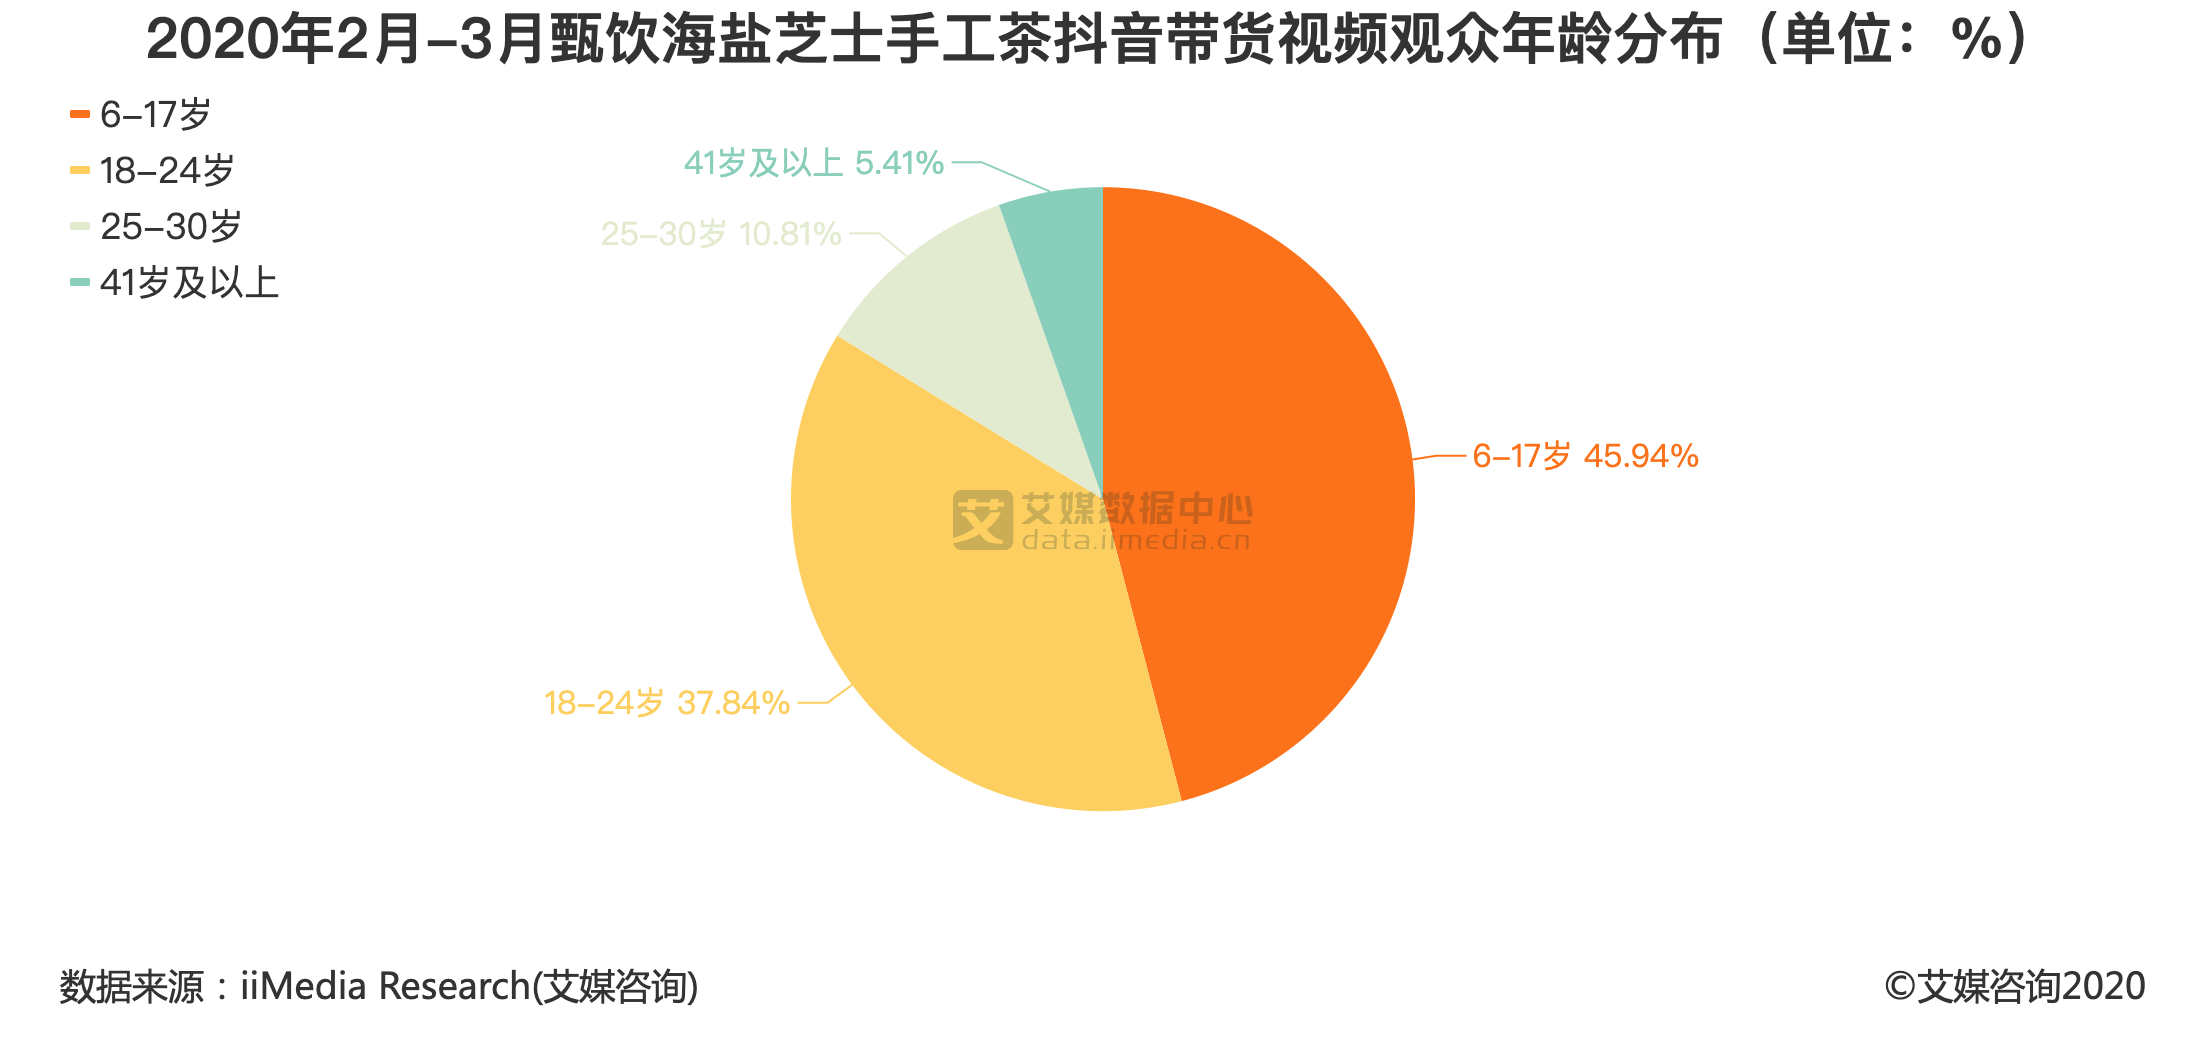 2020年2月-3月甄饮海盐芝士手工茶抖音带货视频观众年龄分布(单位:%)